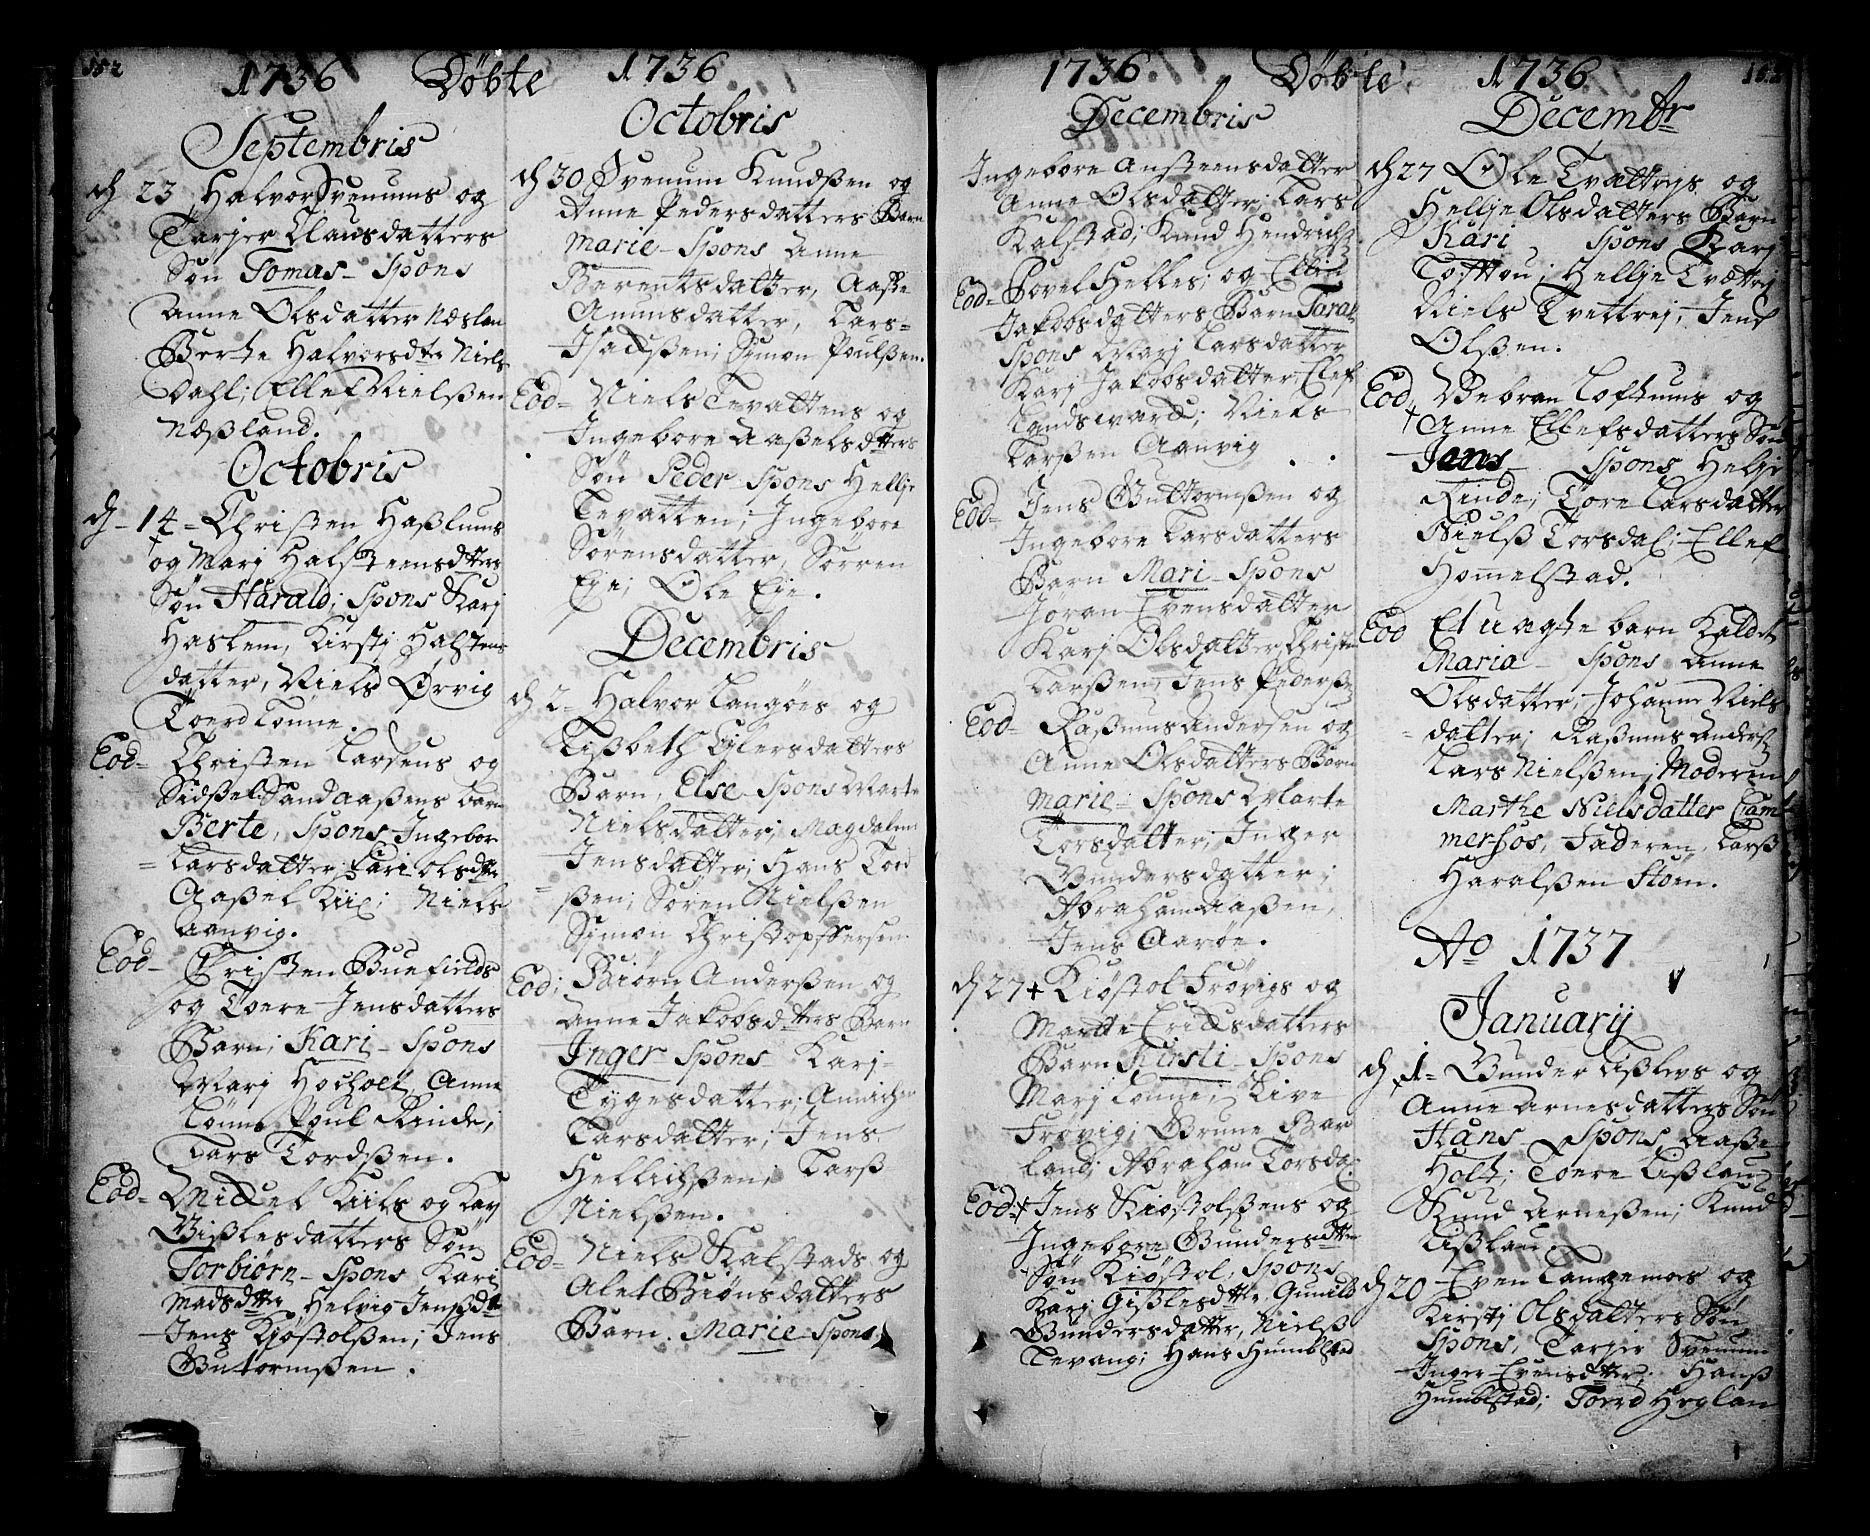 SAKO, Sannidal kirkebøker, F/Fa/L0001: Ministerialbok nr. 1, 1702-1766, s. 152-153